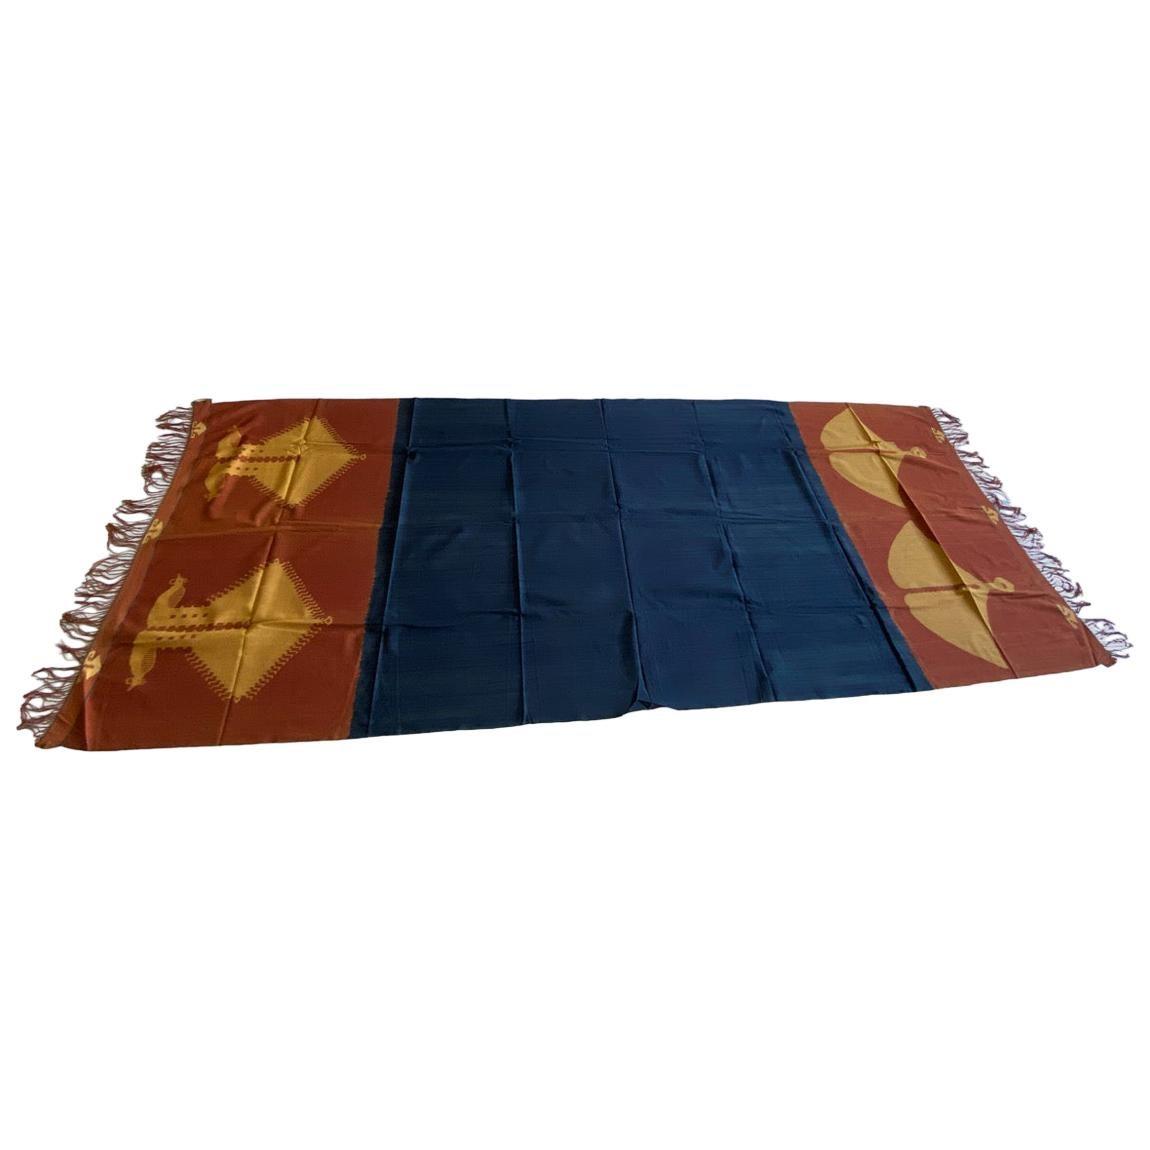 Minimalist Antique Textile